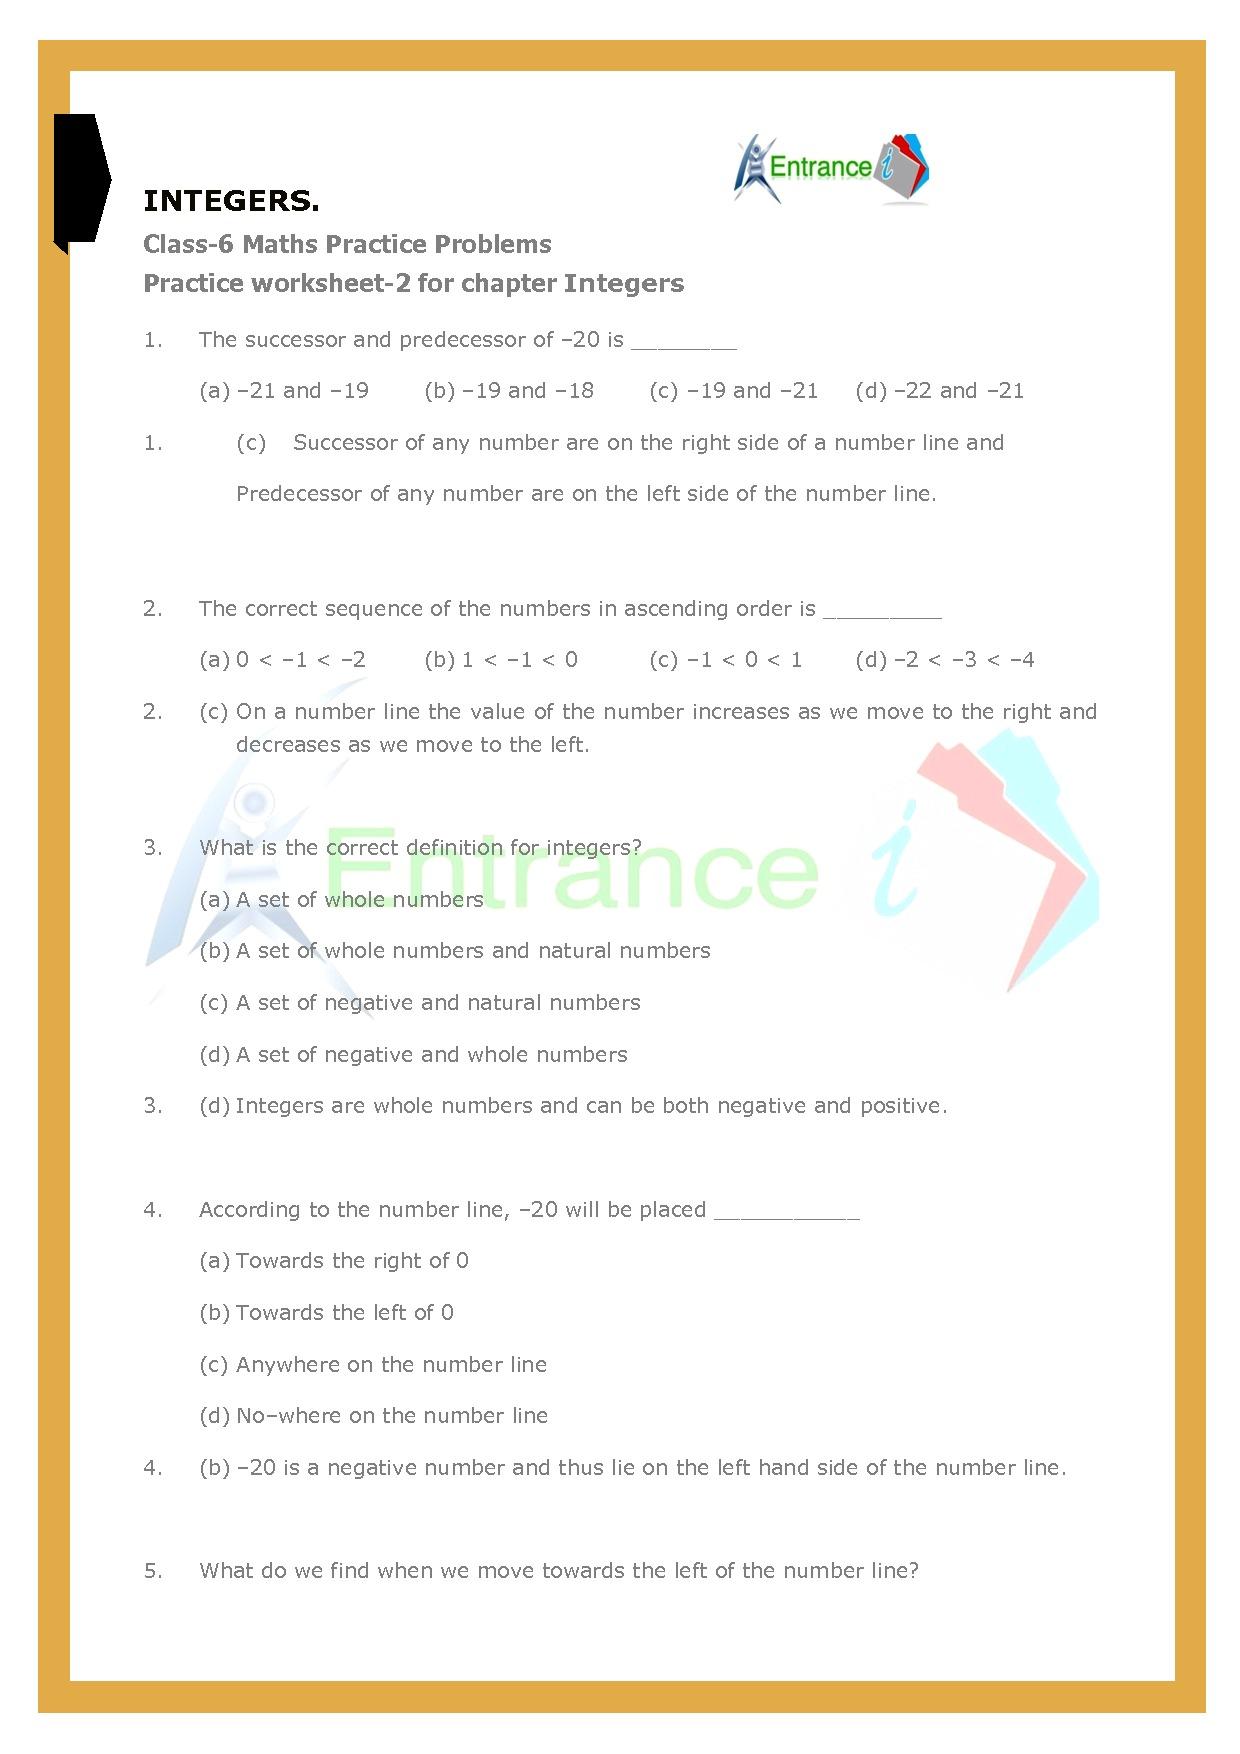 Worksheet 2 For Chapter Integers Class 6 Maths